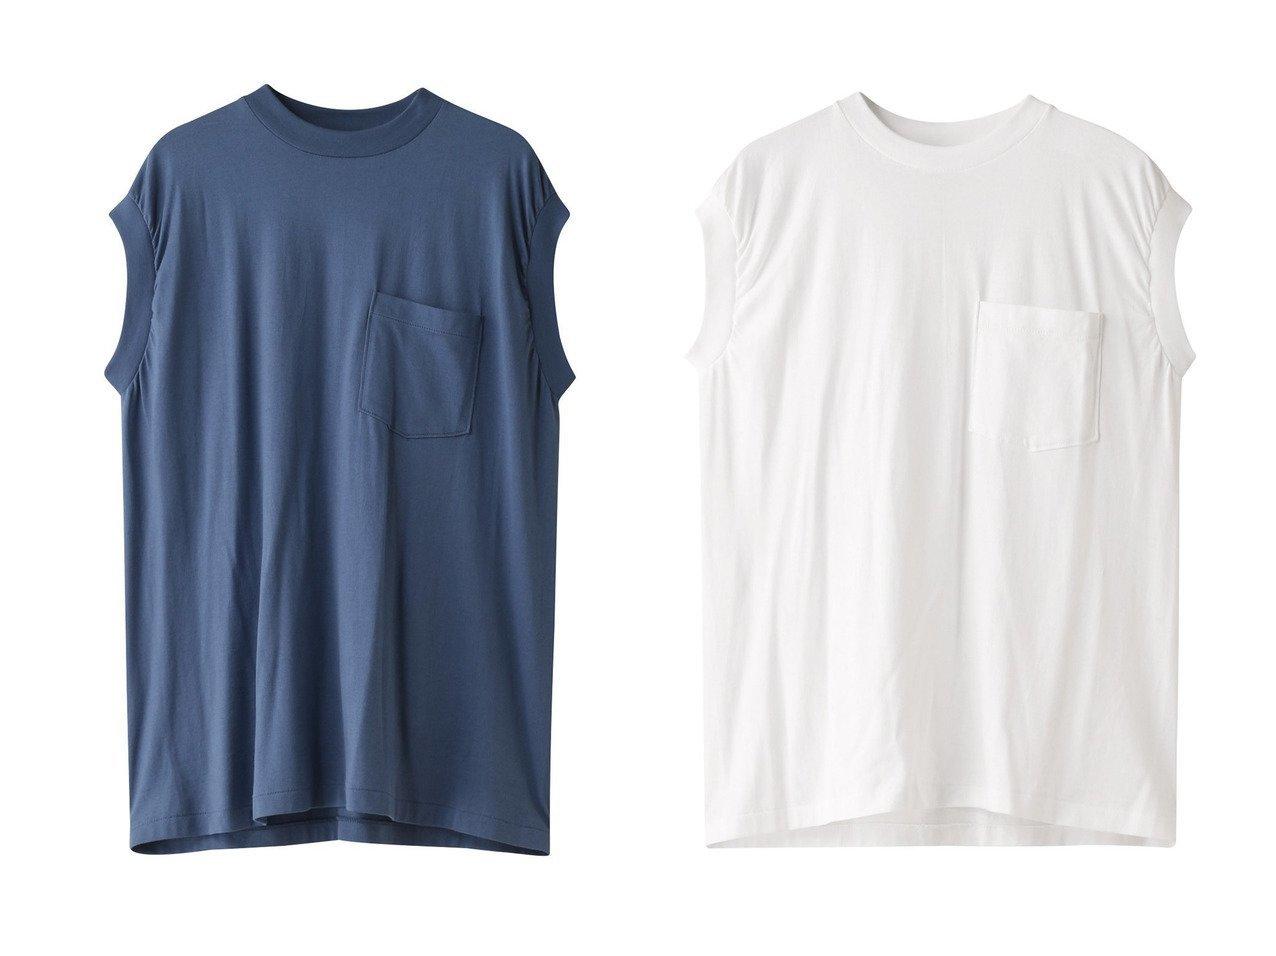 【MADISONBLUE/マディソンブルー】のコットンギャザーノースリーブTシャツ MADISONBLUEのおすすめ!人気、トレンド・レディースファッションの通販 おすすめで人気の流行・トレンド、ファッションの通販商品 メンズファッション・キッズファッション・インテリア・家具・レディースファッション・服の通販 founy(ファニー) https://founy.com/ ファッション Fashion レディースファッション WOMEN トップス Tops Tshirt キャミソール / ノースリーブ No Sleeves シャツ/ブラウス Shirts Blouses ロング / Tシャツ T-Shirts カットソー Cut and Sewn 2021年 2021 2021 春夏 S/S SS Spring/Summer 2021 S/S 春夏 SS Spring/Summer インド キャミソール ギャザー タンク ノースリーブ フォルム 春 Spring |ID:crp329100000016908